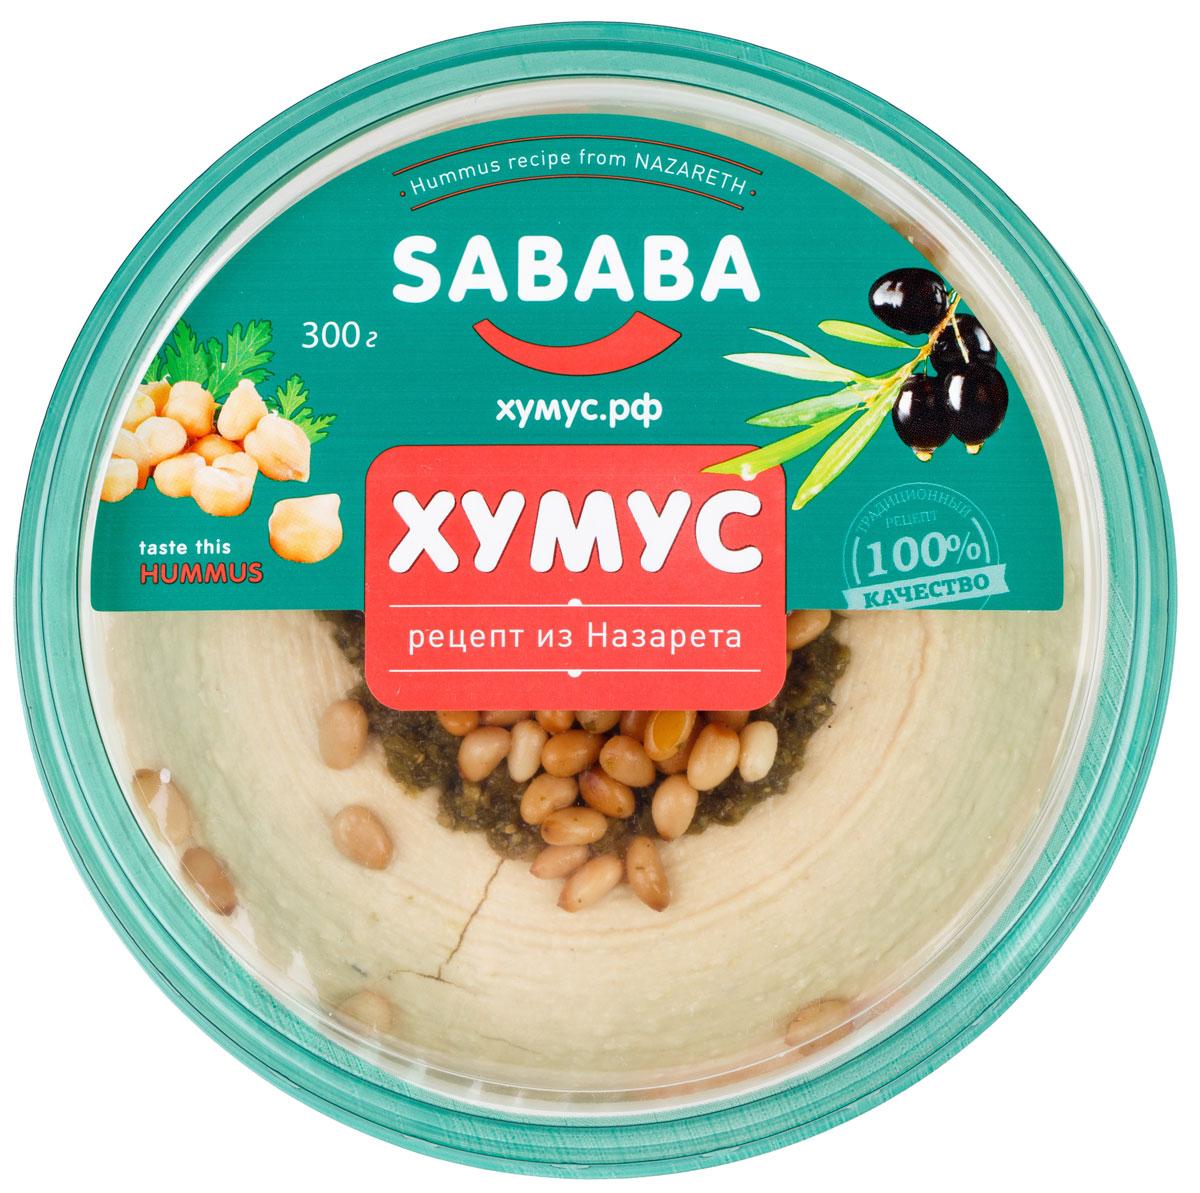 Признанный средиземноморский деликатес. Отлично сочетается с блюдами на гриле, овощами и сожалениями. Идеальная заправка для сэндвичей, брускетта и бутербродов.